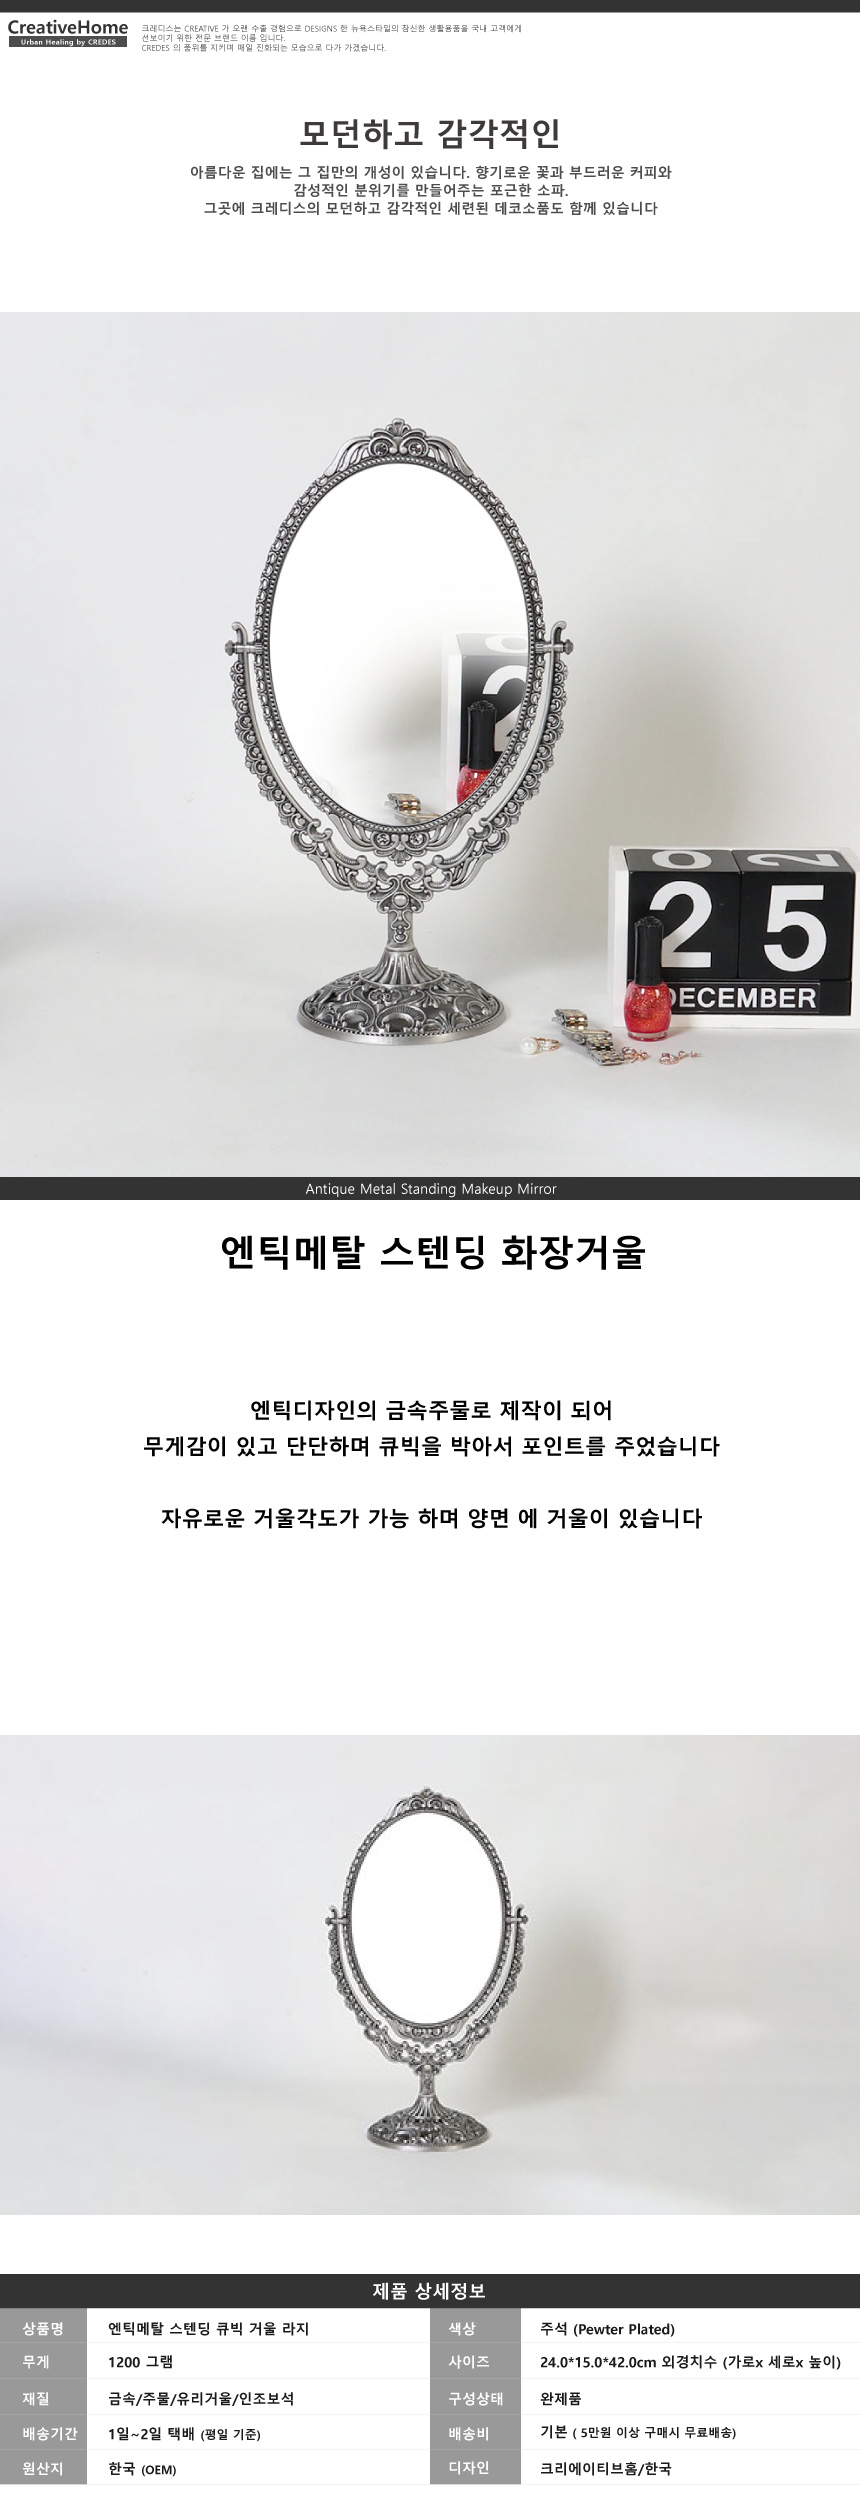 엔틱메탈 스텐딩 큐빅 화장거울 라지-주석 - 크레디스, 42,000원, 거울, 탁상거울